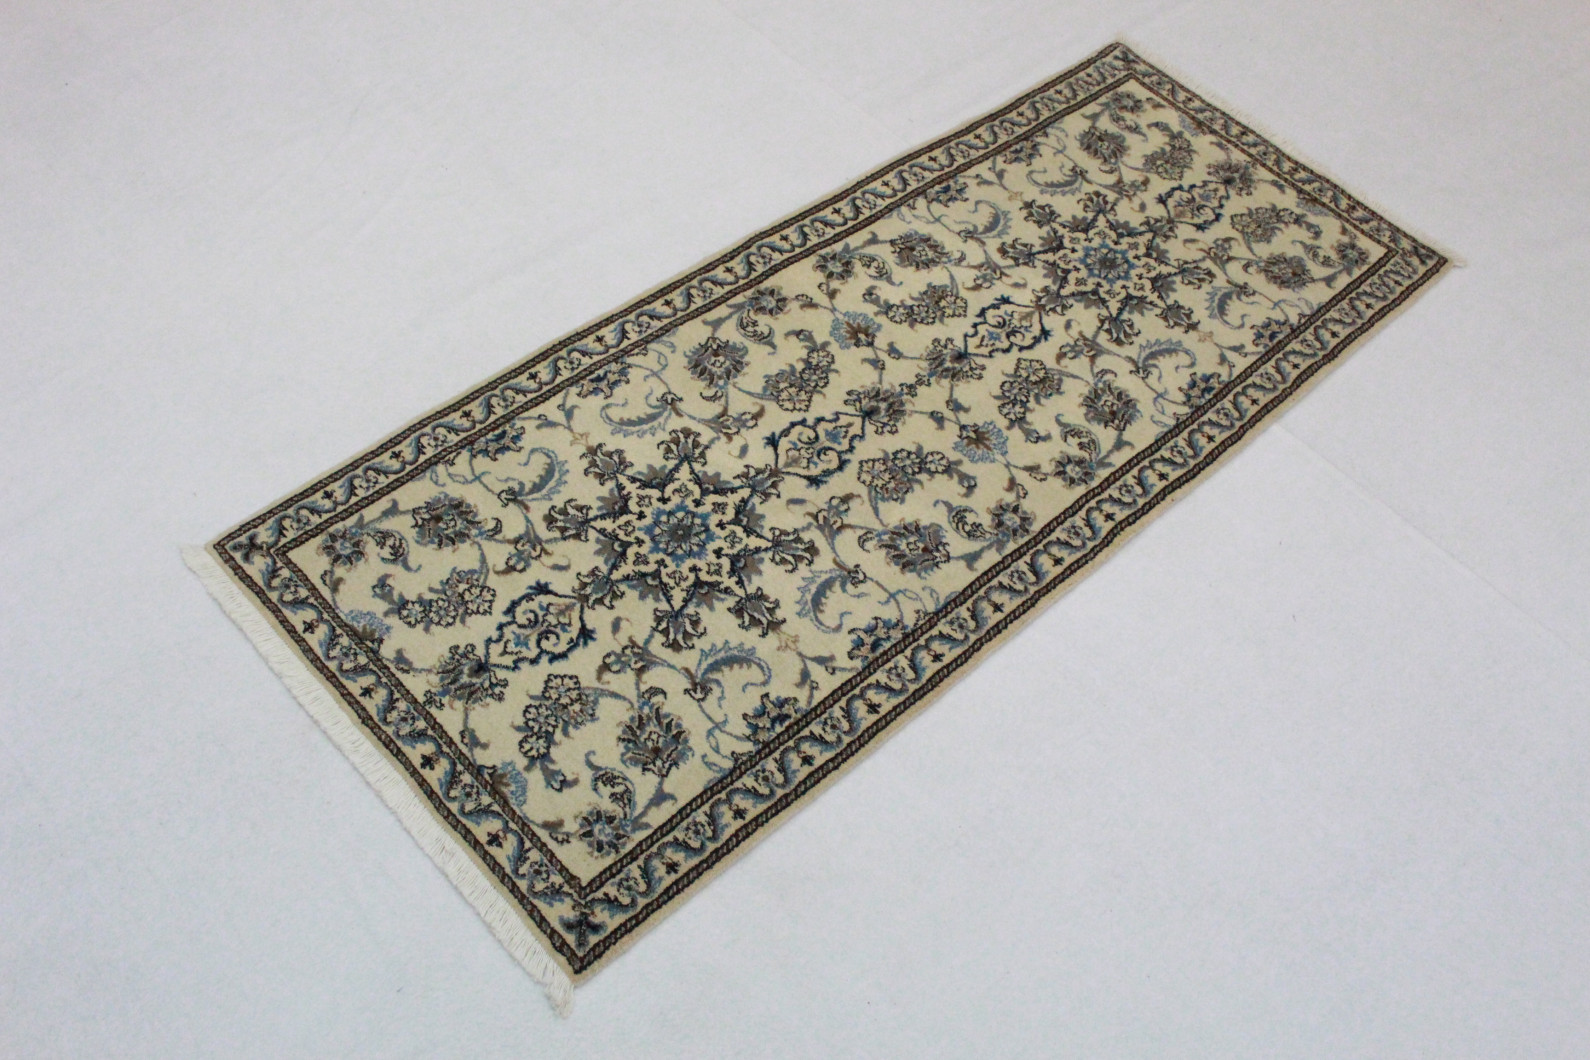 nain teppich l ufer beige blau in 200x80 5120 27404 bei. Black Bedroom Furniture Sets. Home Design Ideas